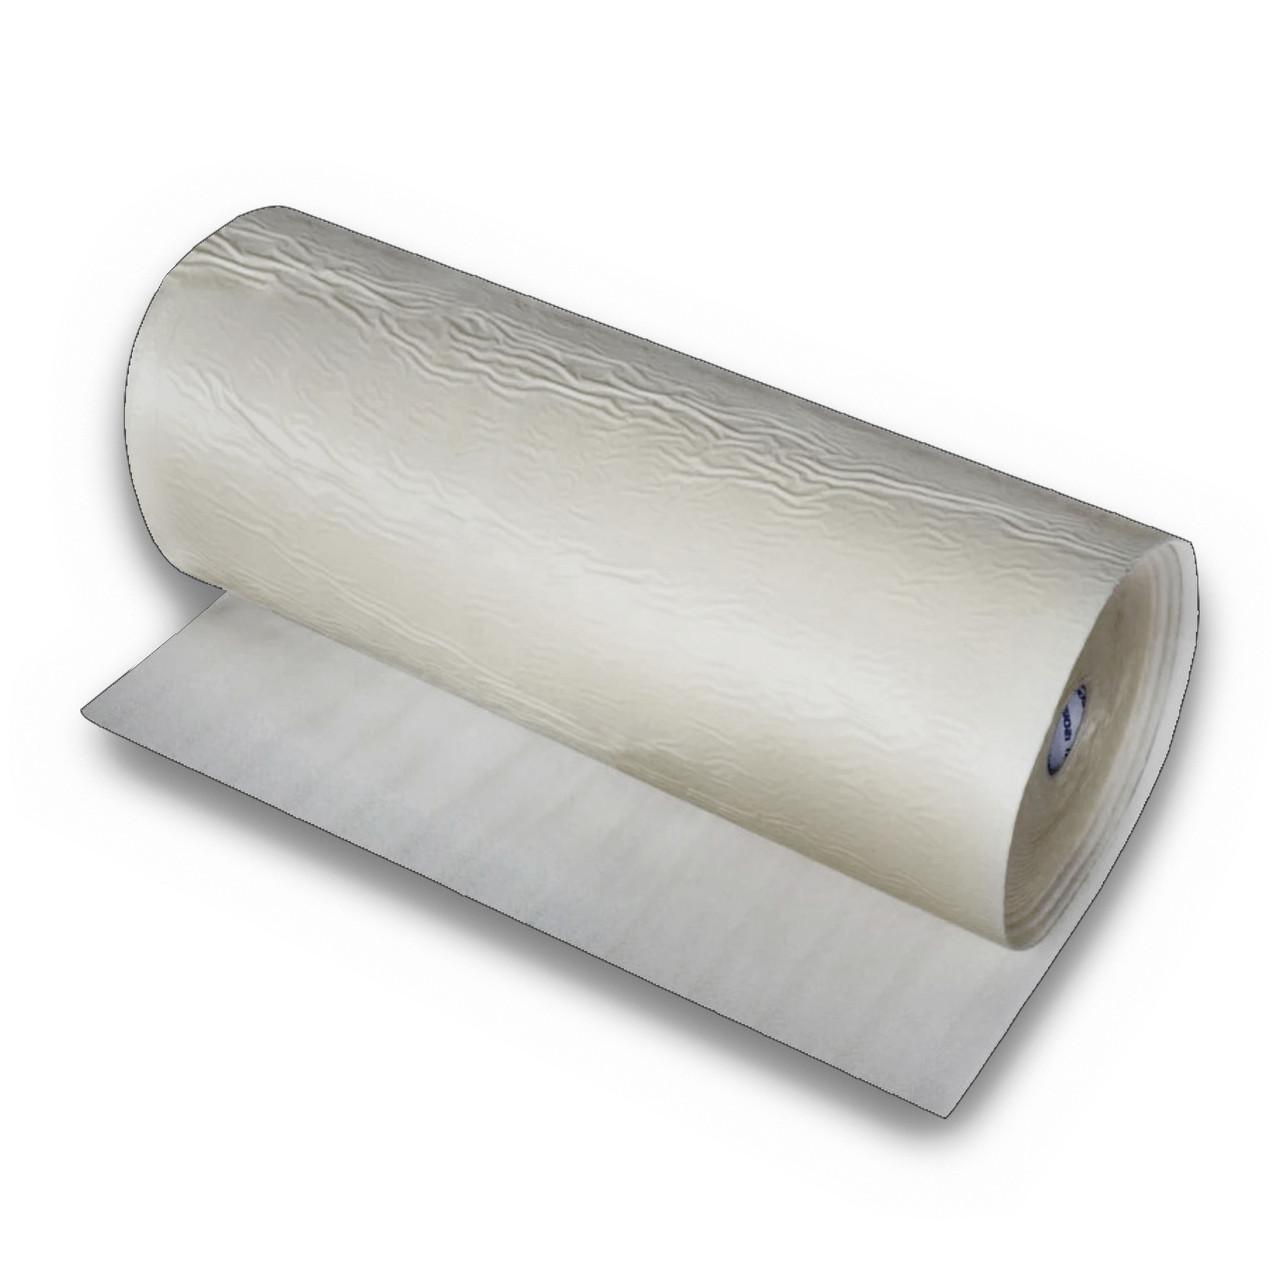 Физически сшитый вспененный полиэтилен самоклеящийся, 10 мм (белый)